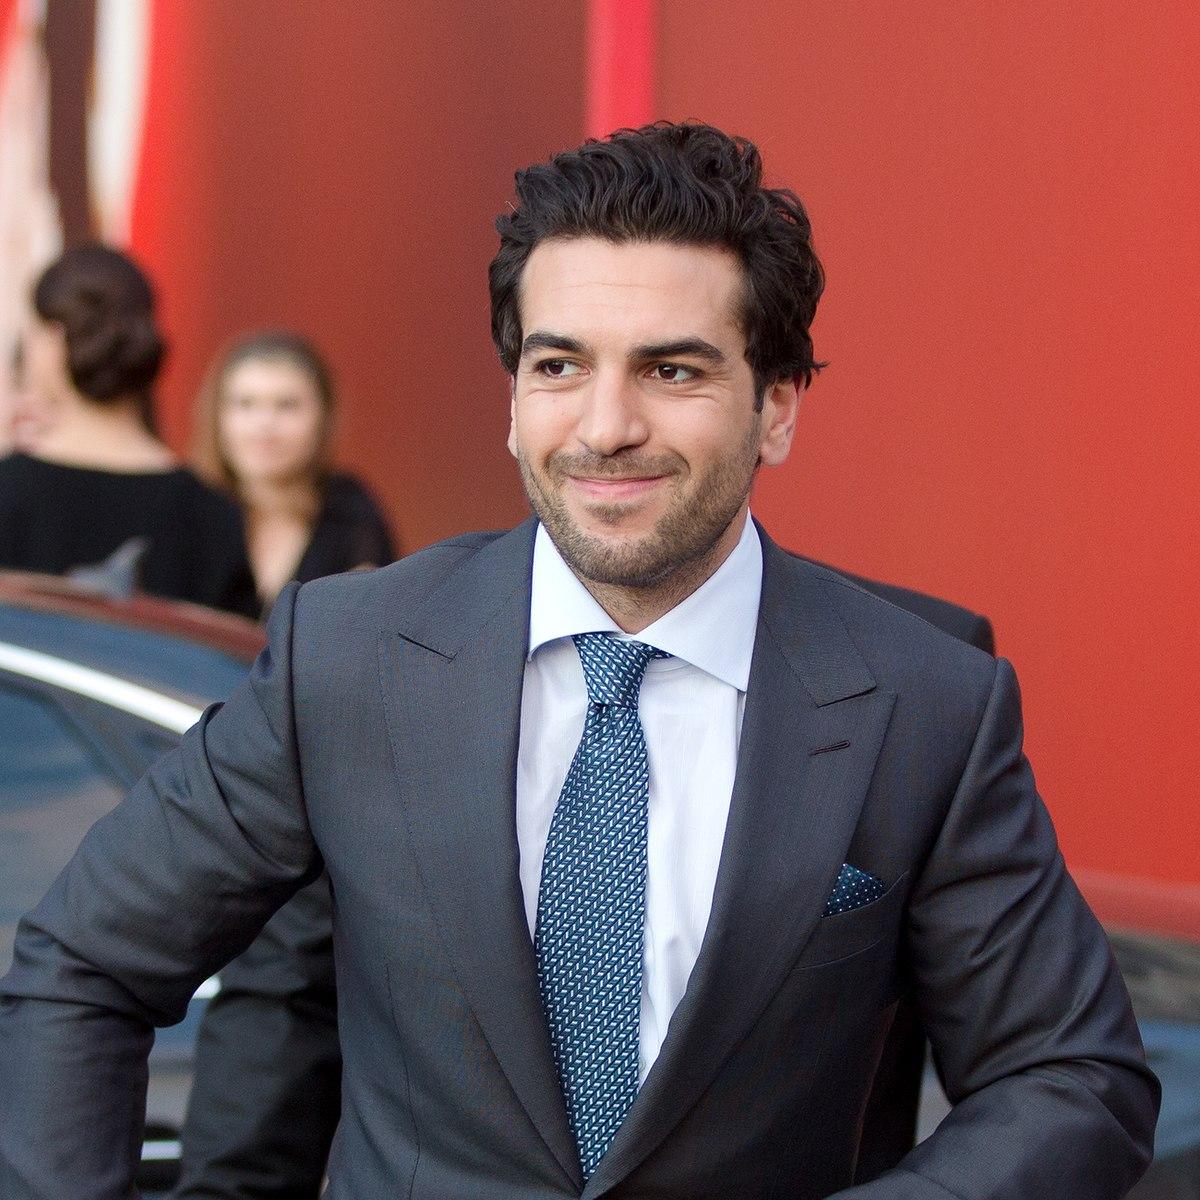 Elyas M Barek Filme Und Fernsehsendungen